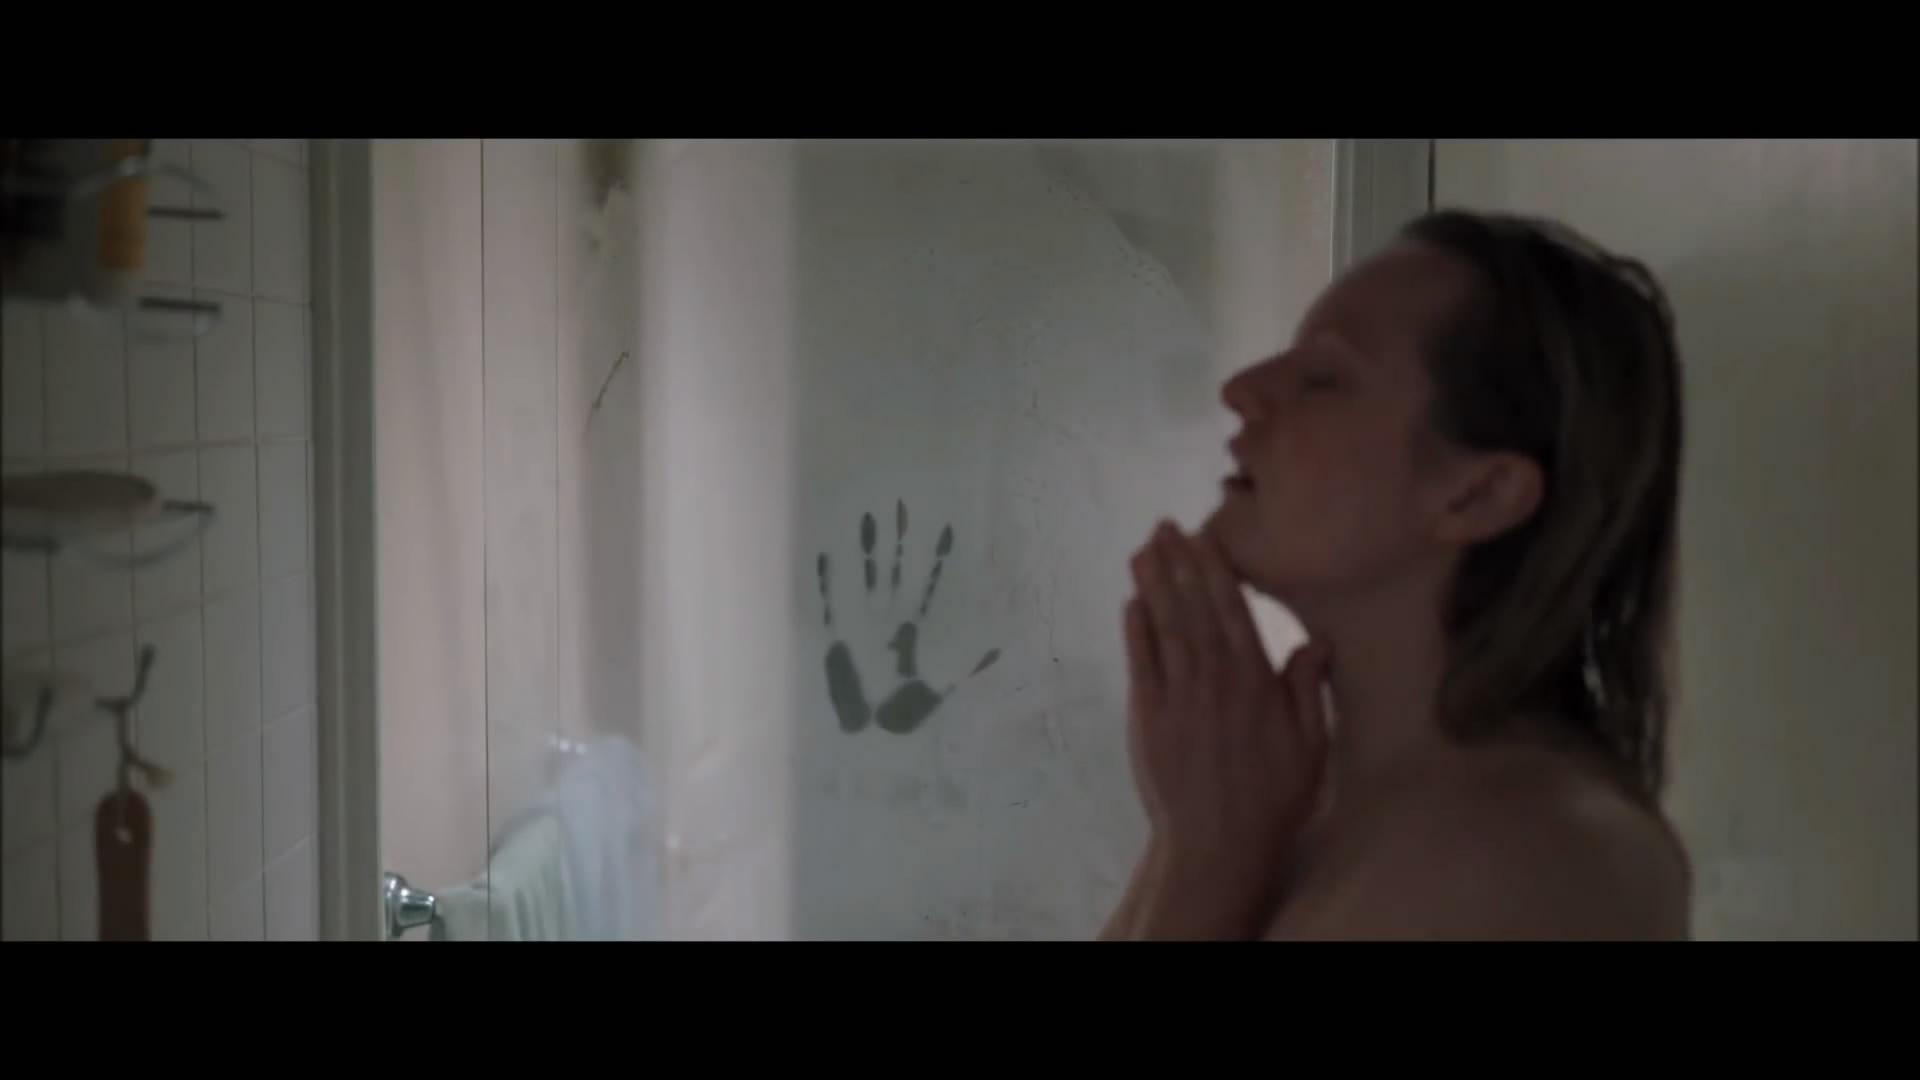 科幻恐怖片《隐身人》预告 你看不见我 我能为所欲为